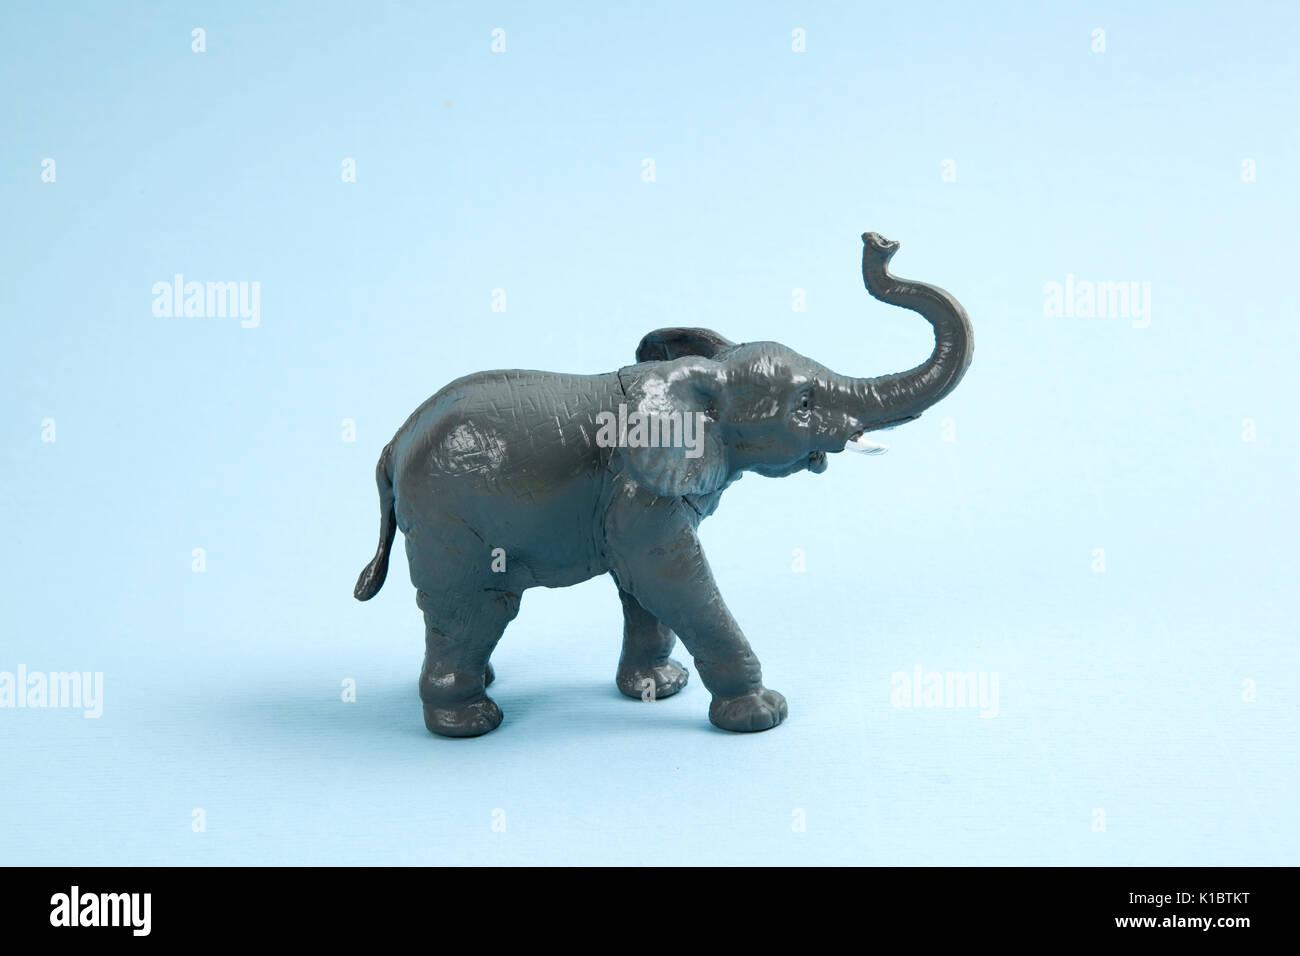 Ein Plastic Elephant auf ein leuchtend blauen Hintergrund. Minimale Farbe still life Fotografie Stockbild